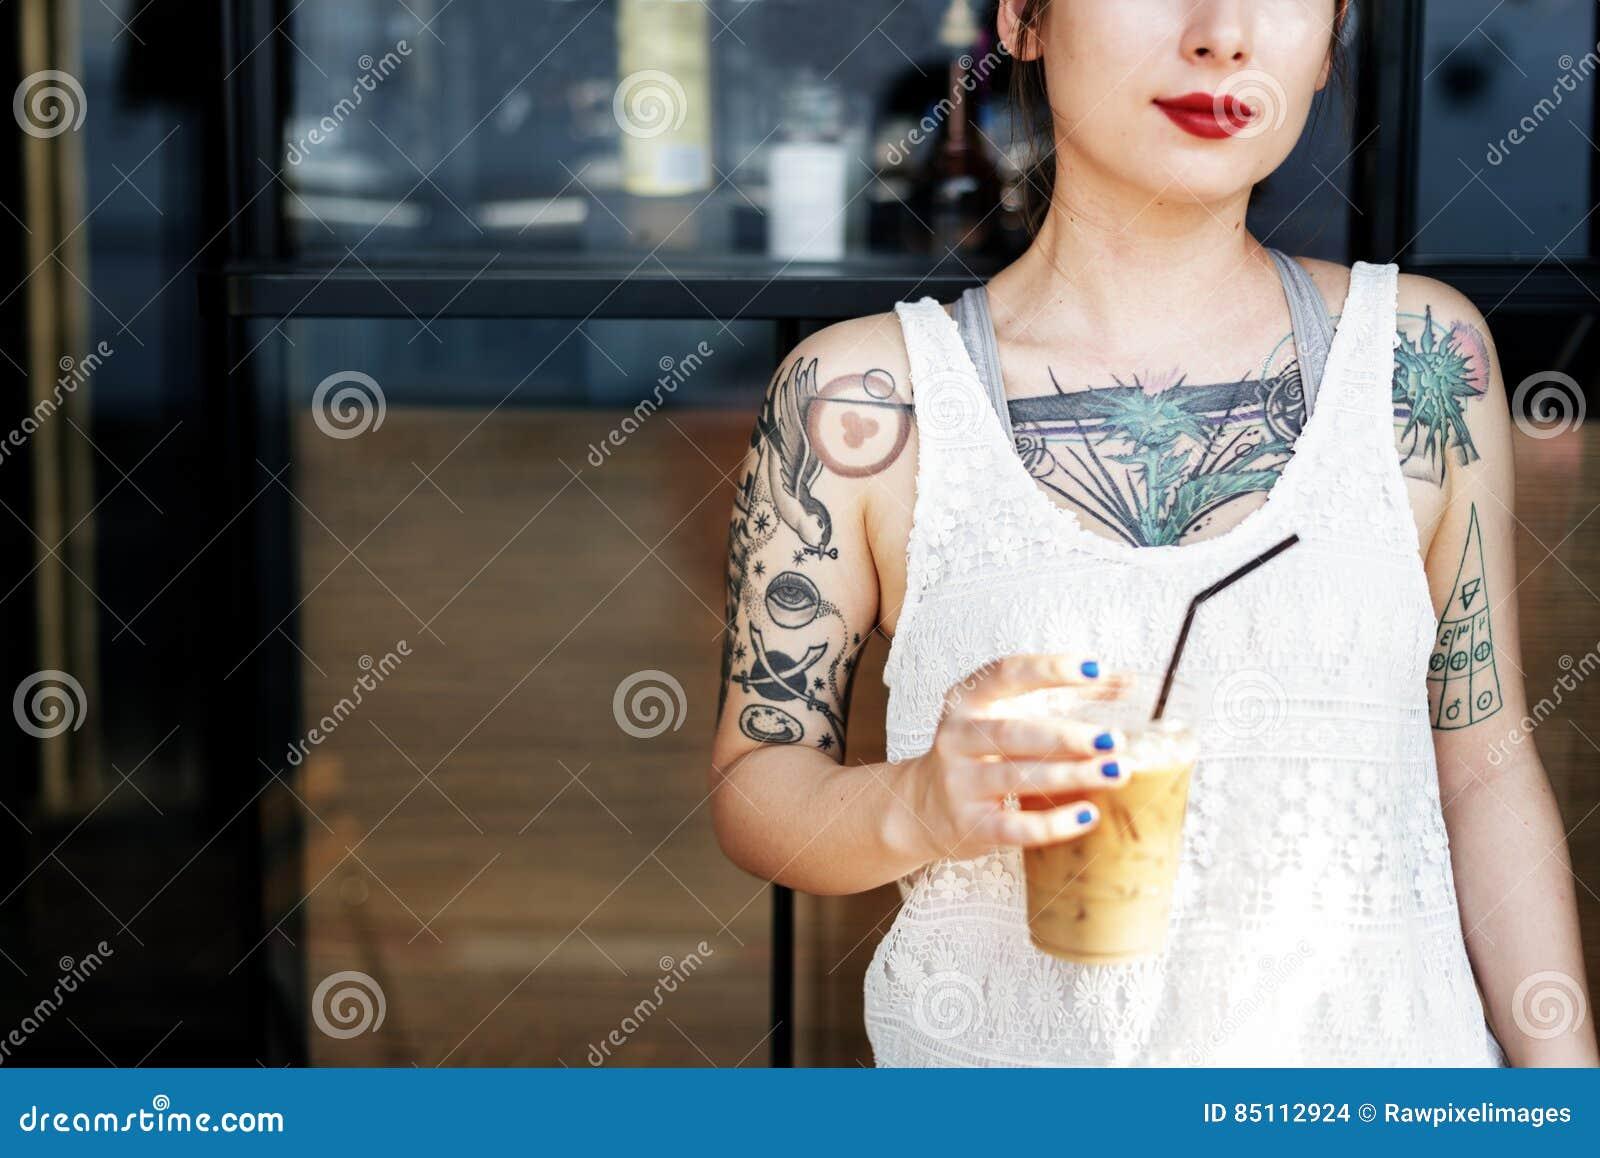 美好的女孩纹身花刺年轻少年镇静偶然概念